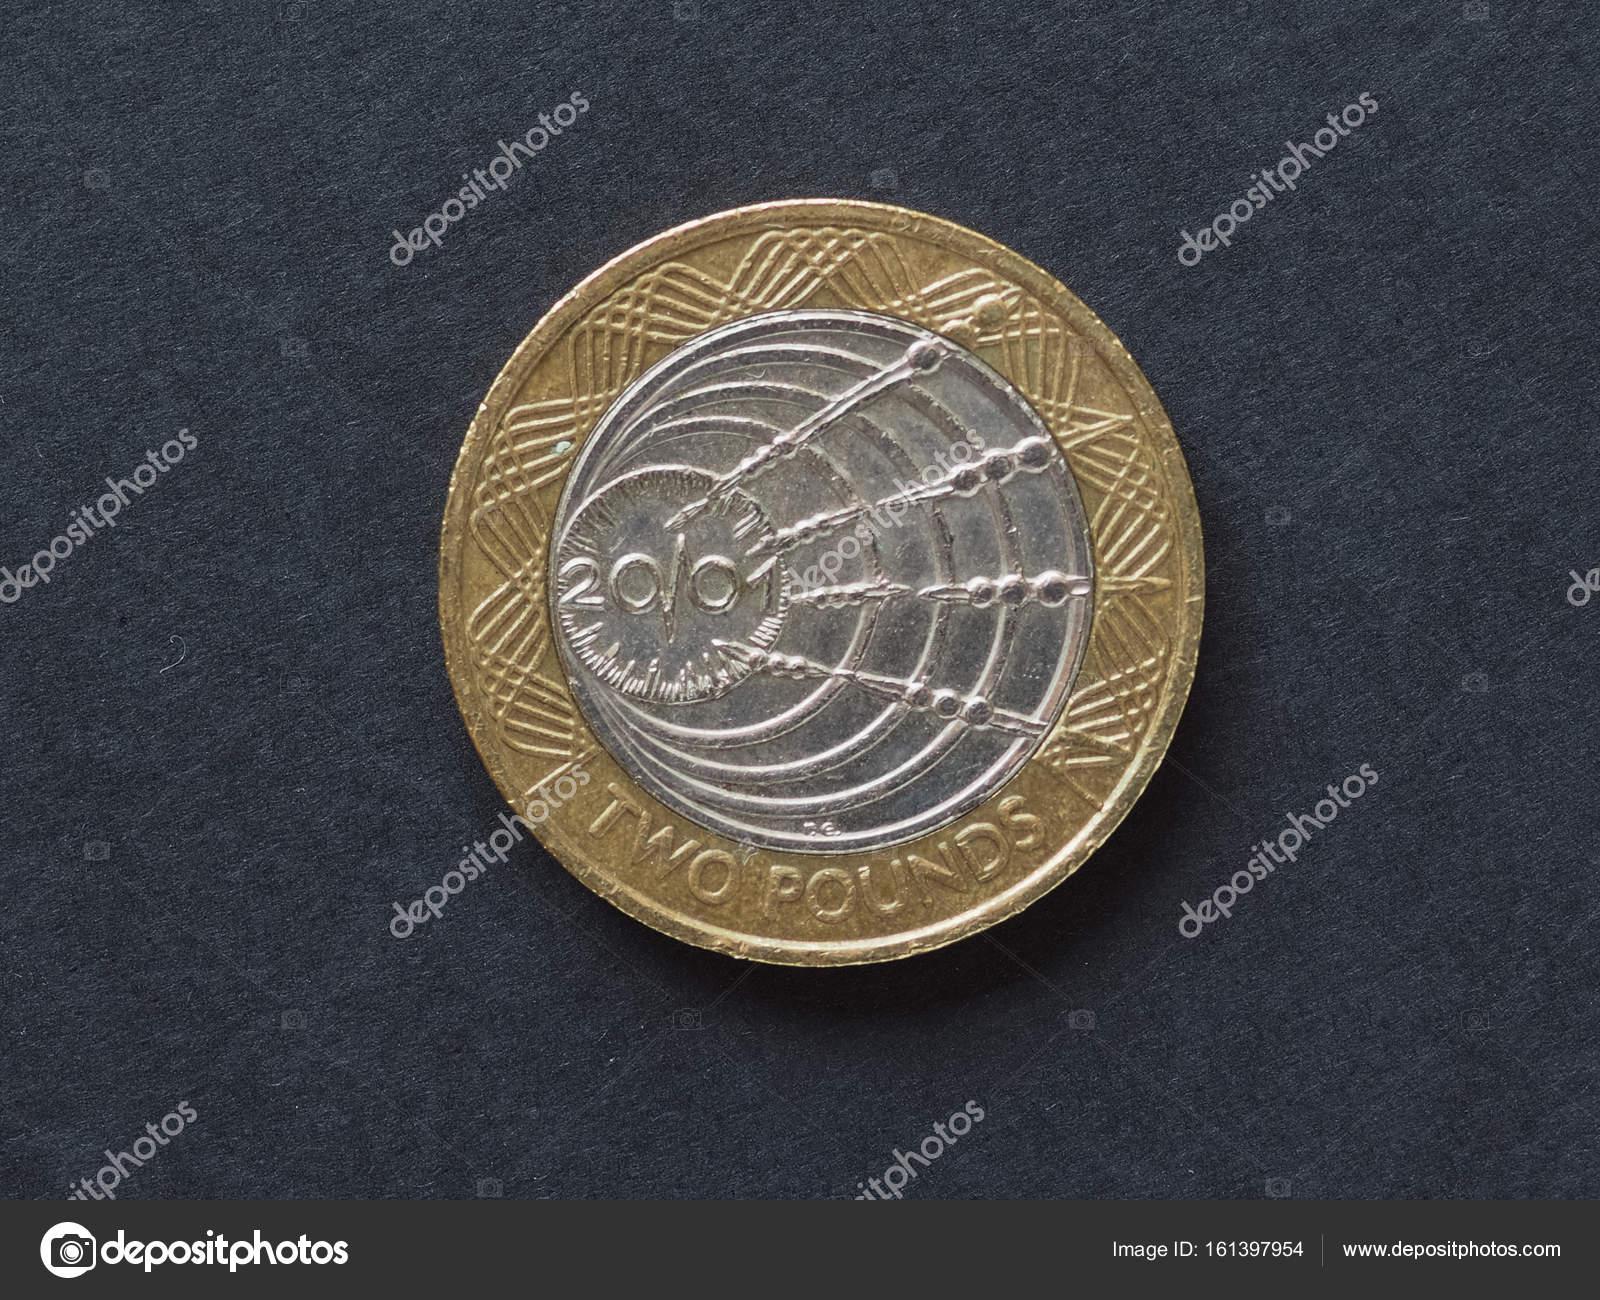 2 Pfund Münze Vereinigtes Königreich Stockfoto Claudiodivizia